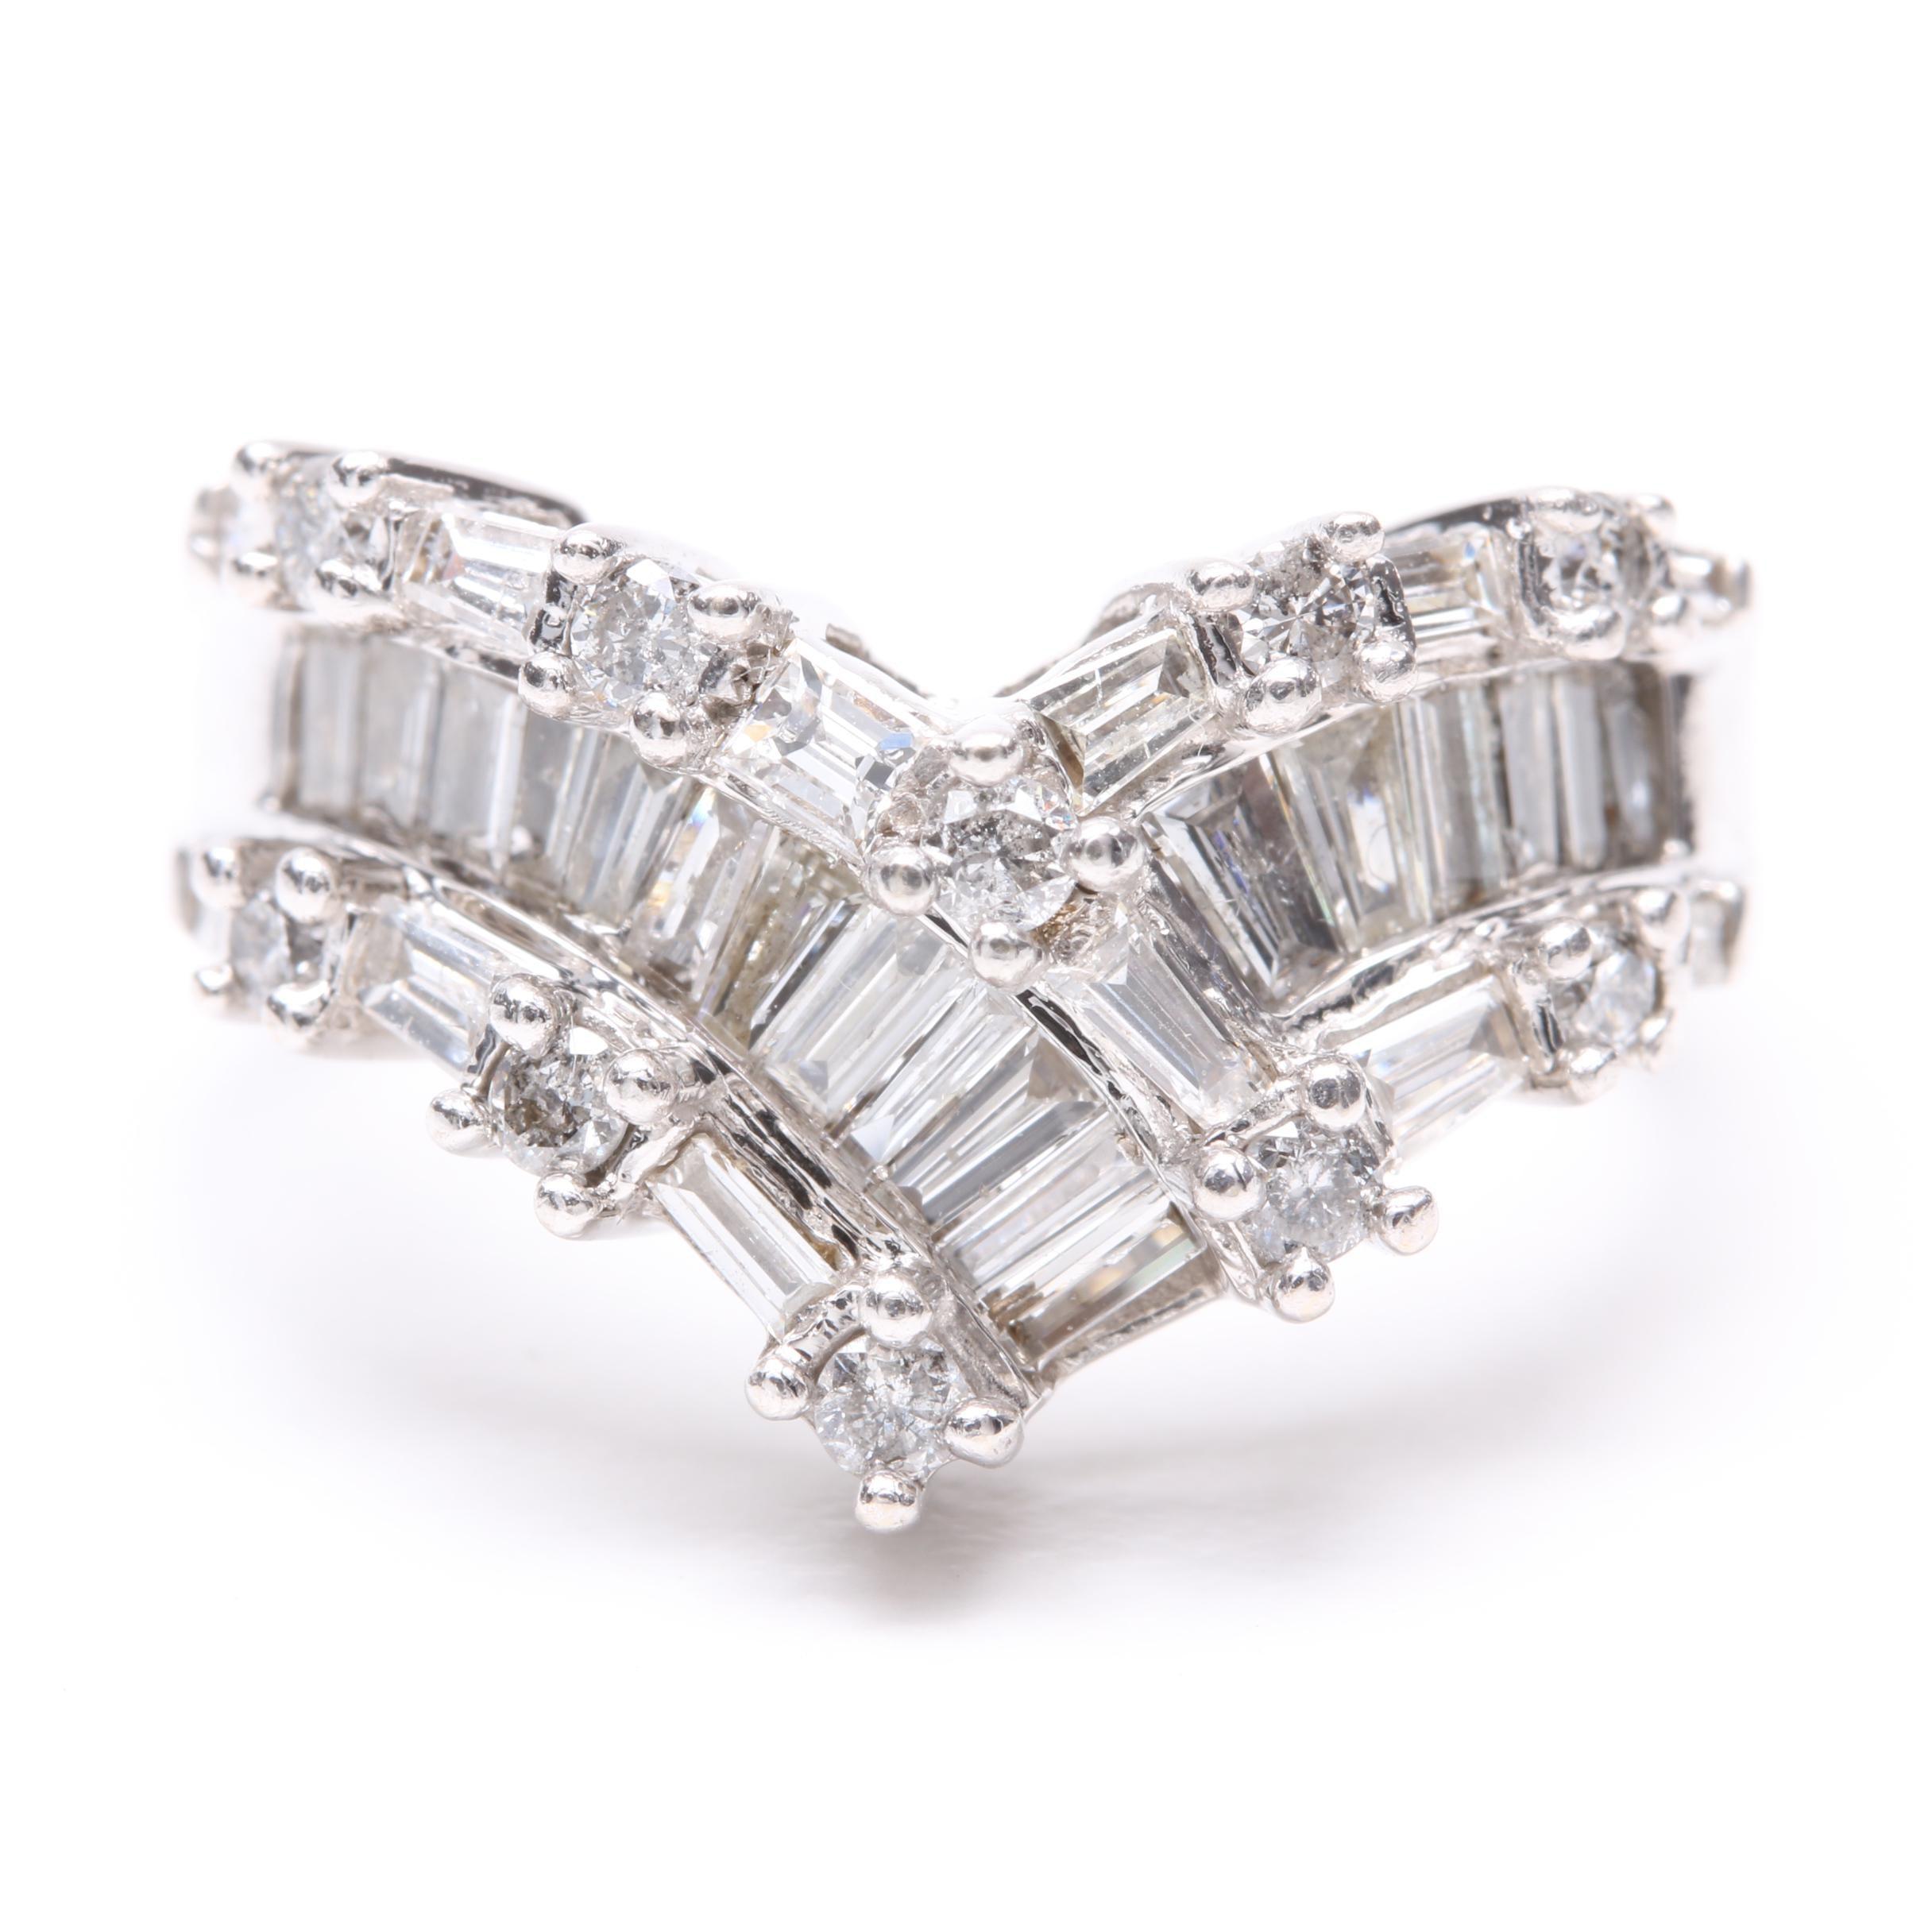 Alwand Vahan 14K White Gold 1.05 CT Diamond Ring